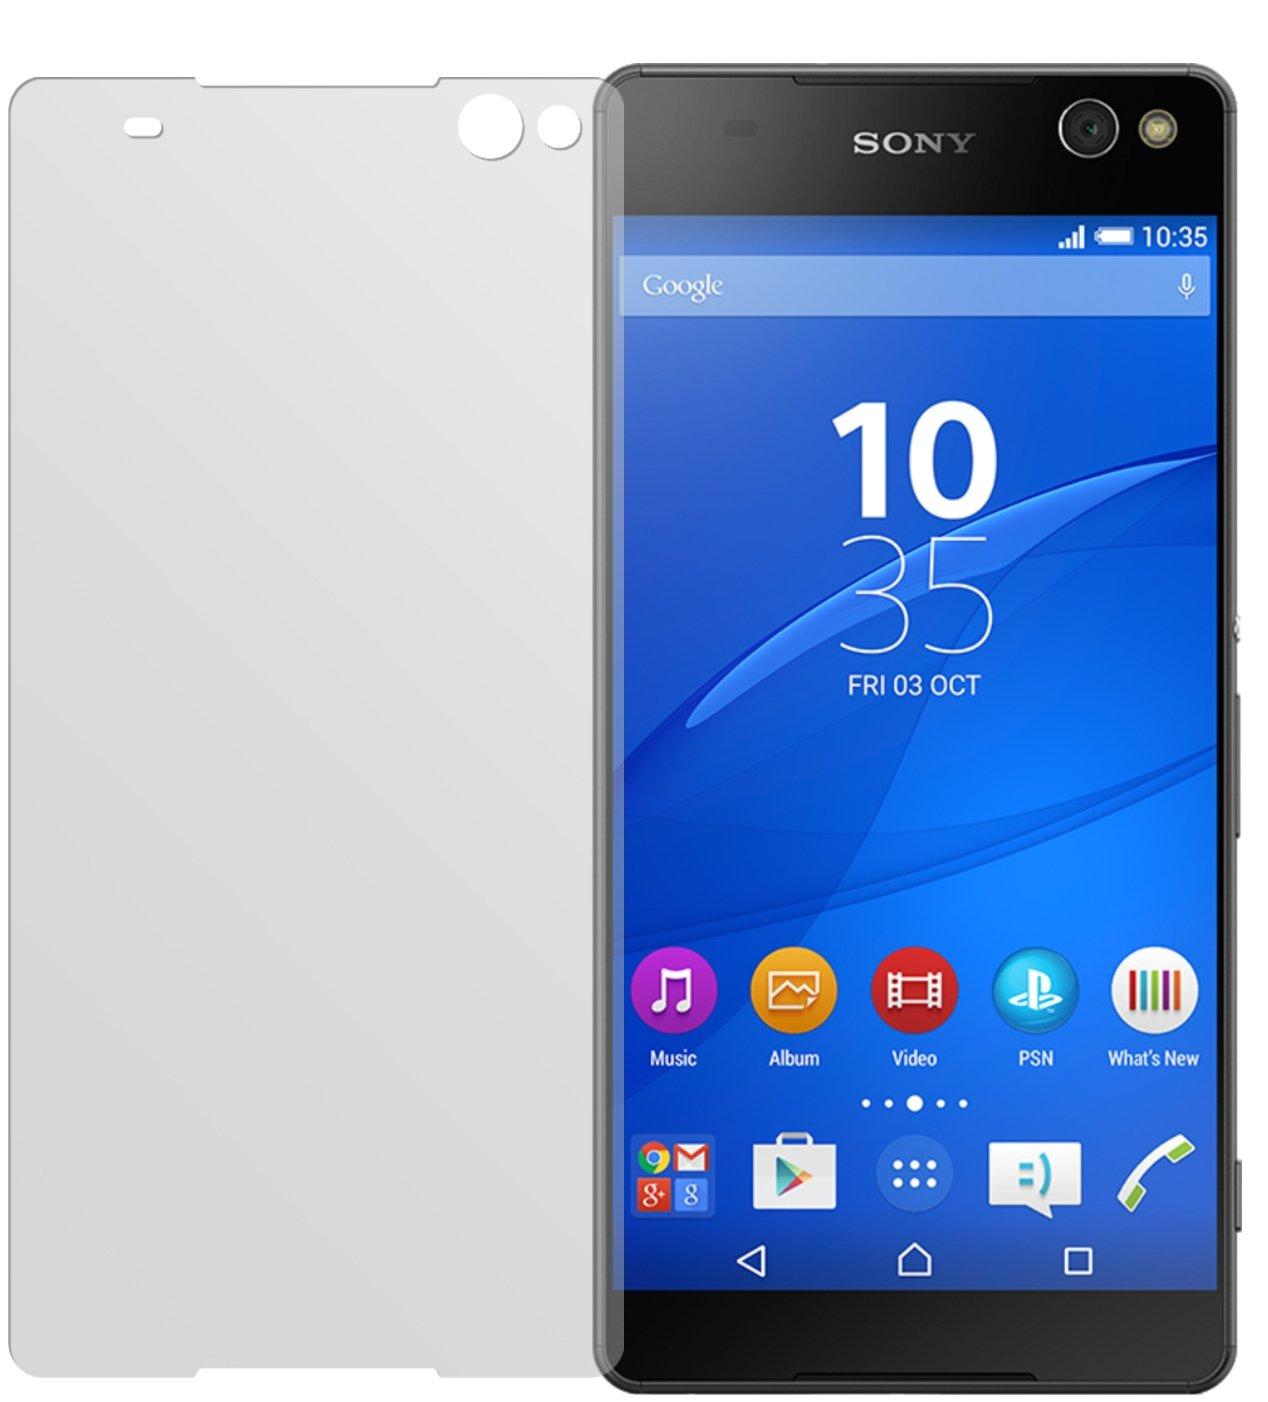 2x protector de pantalla mate Sony Cyber-shot dsc-hx60 lámina protectora